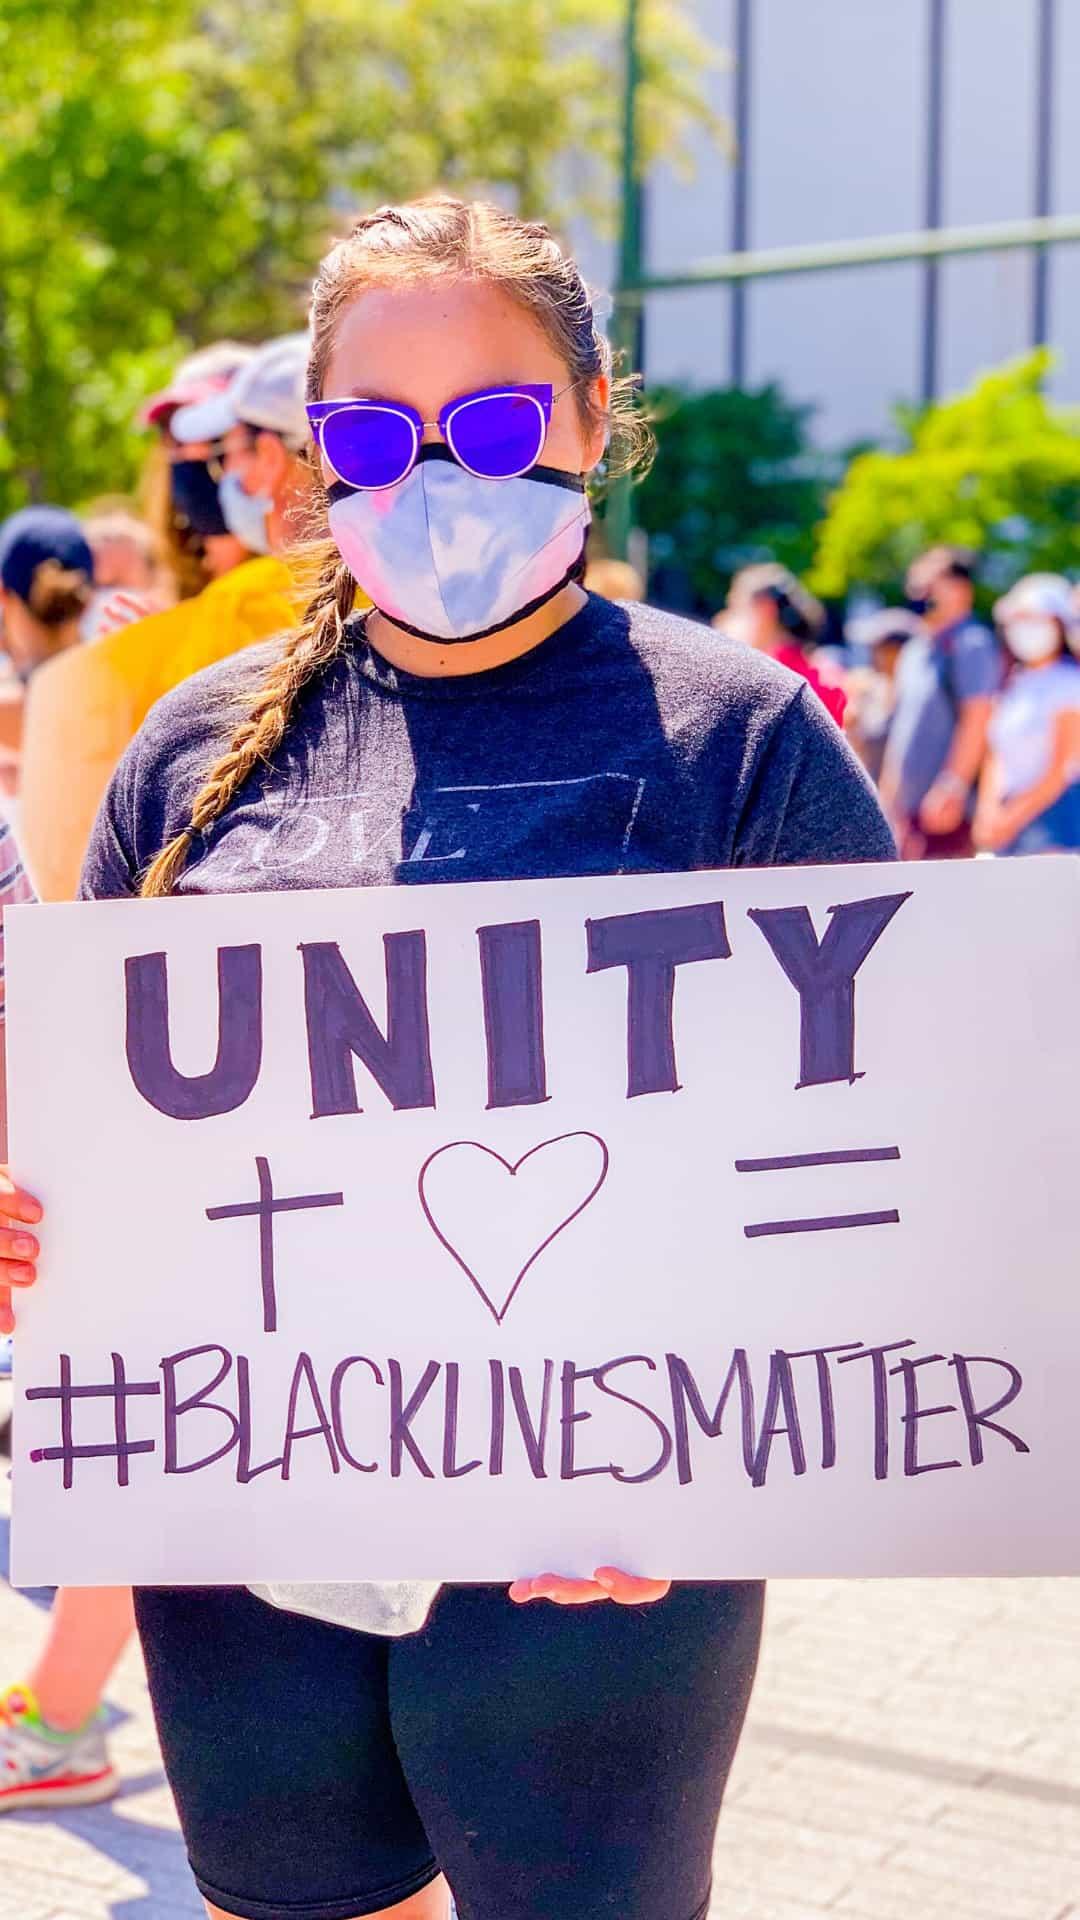 Unity + Black Lives Matter protest sign